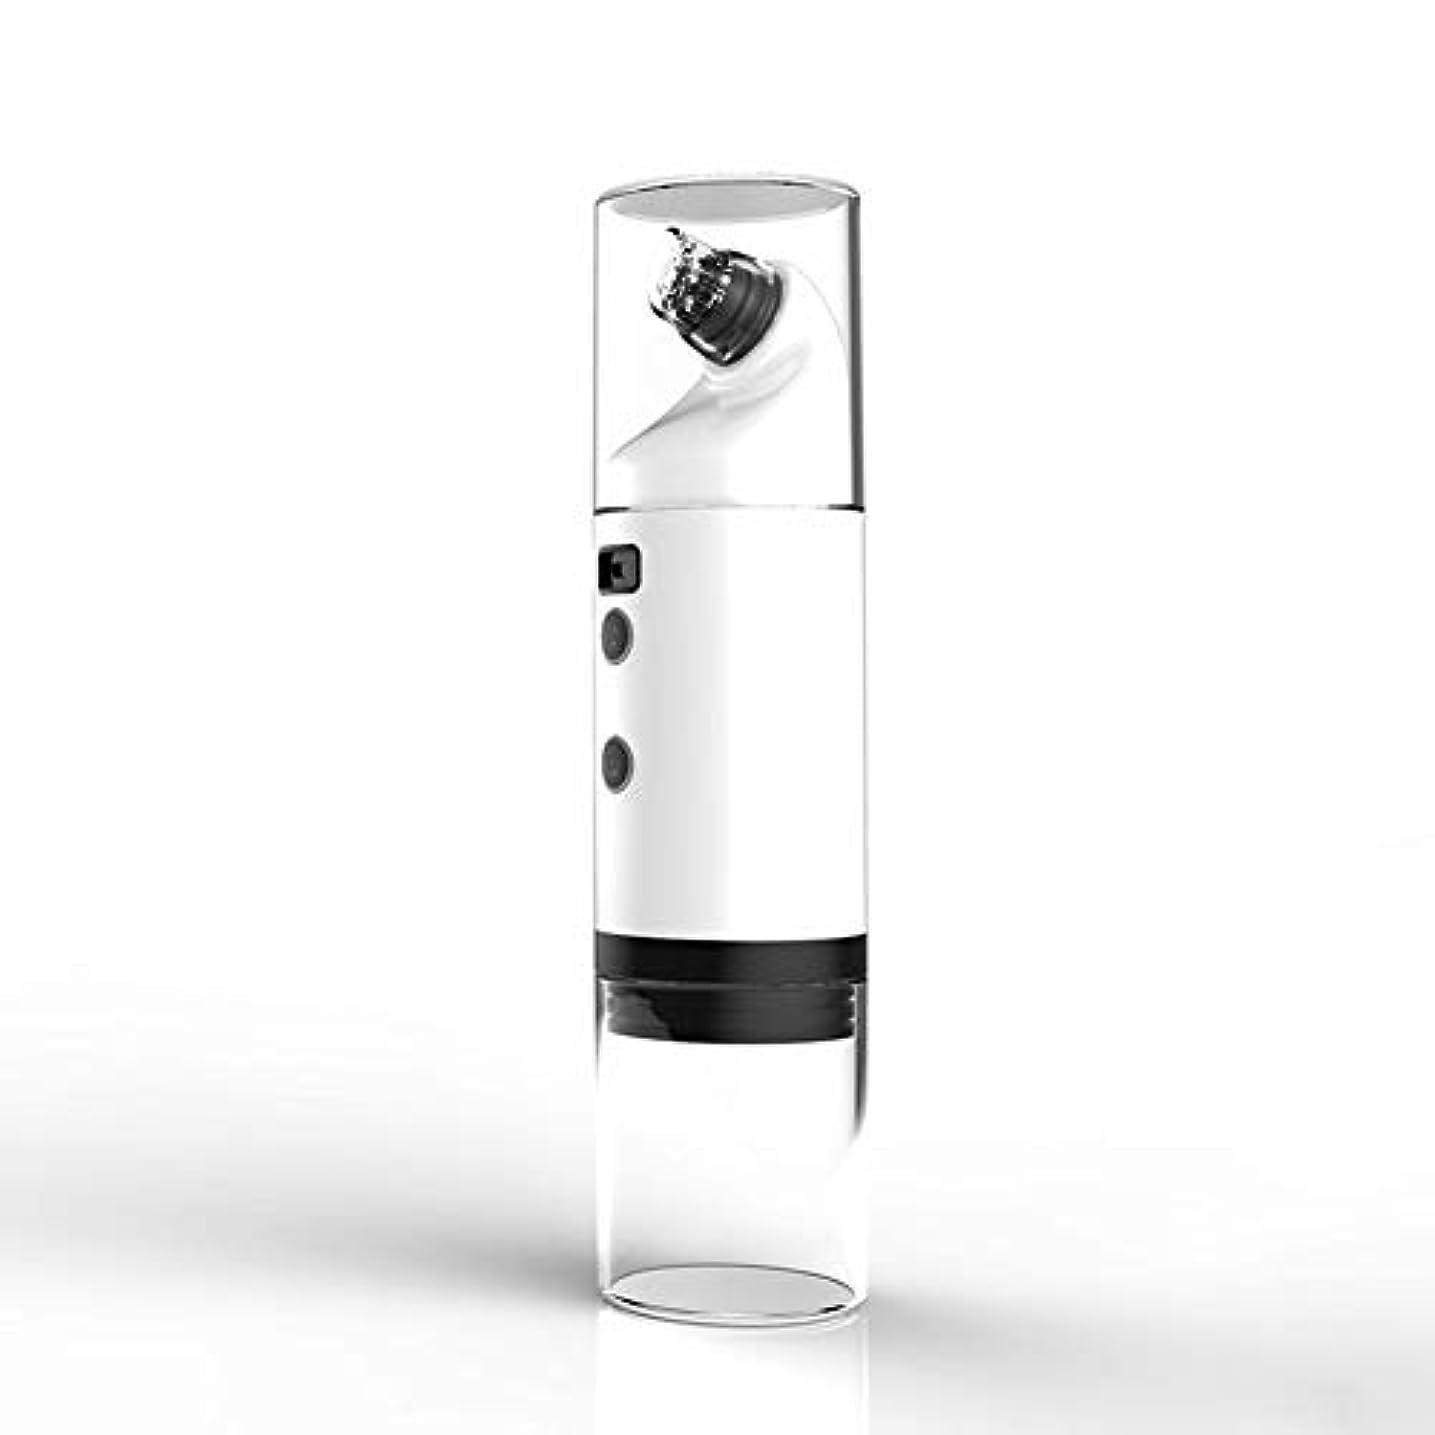 敬意素晴らしい削除するにきび楽器、電気吸引にきび世帯、毛穴クリーニング小さな泡美容器具、、フェイス鼻のためのLEDディスプレイと充電式USBおでこホワイトヘッドクリーン